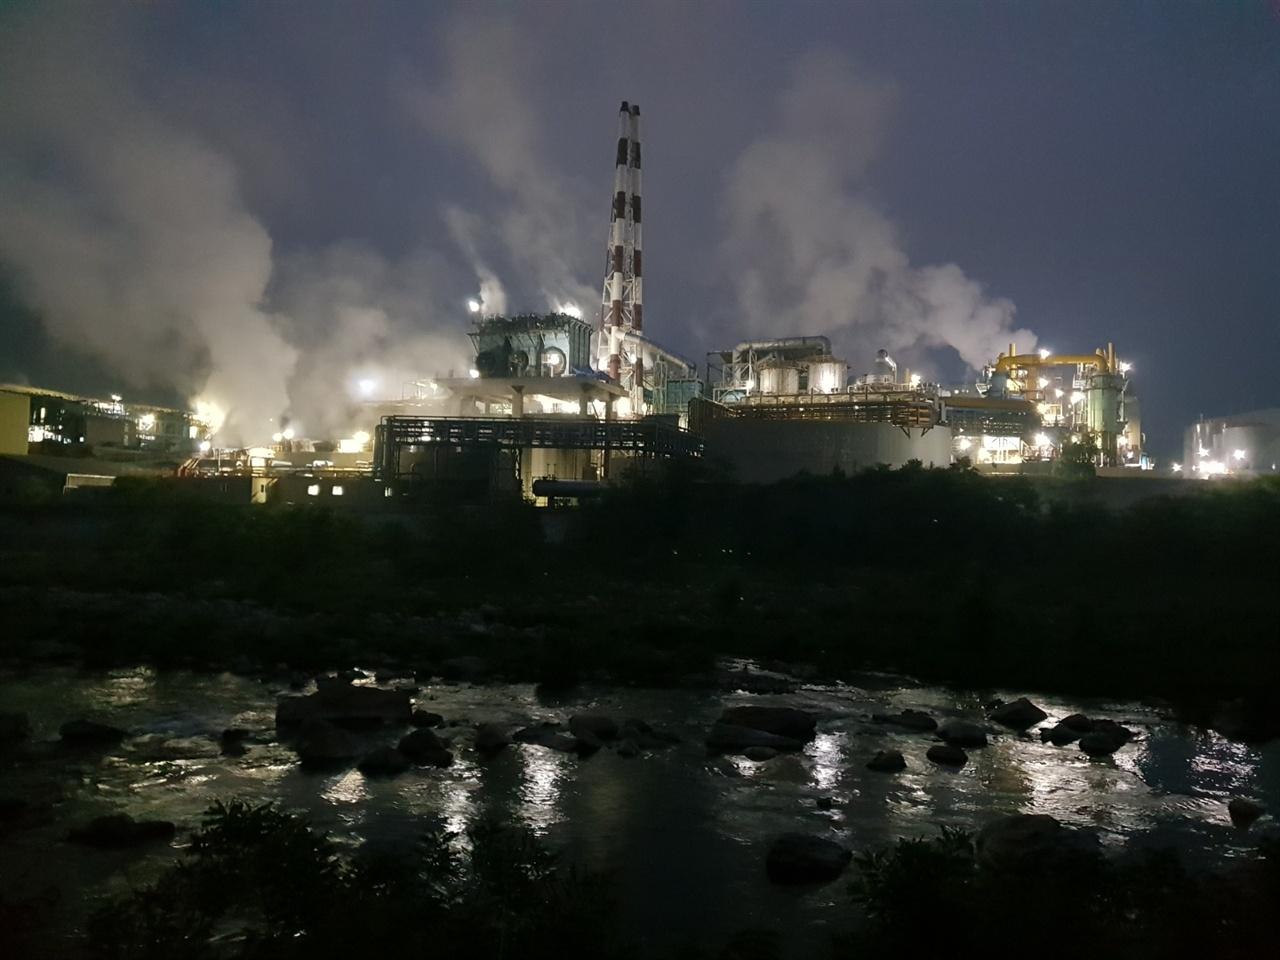 새벽에도 공해공장은 돌아간다. 24시간 풀가동하면서 각종 오염물질을 내보내고 있다.